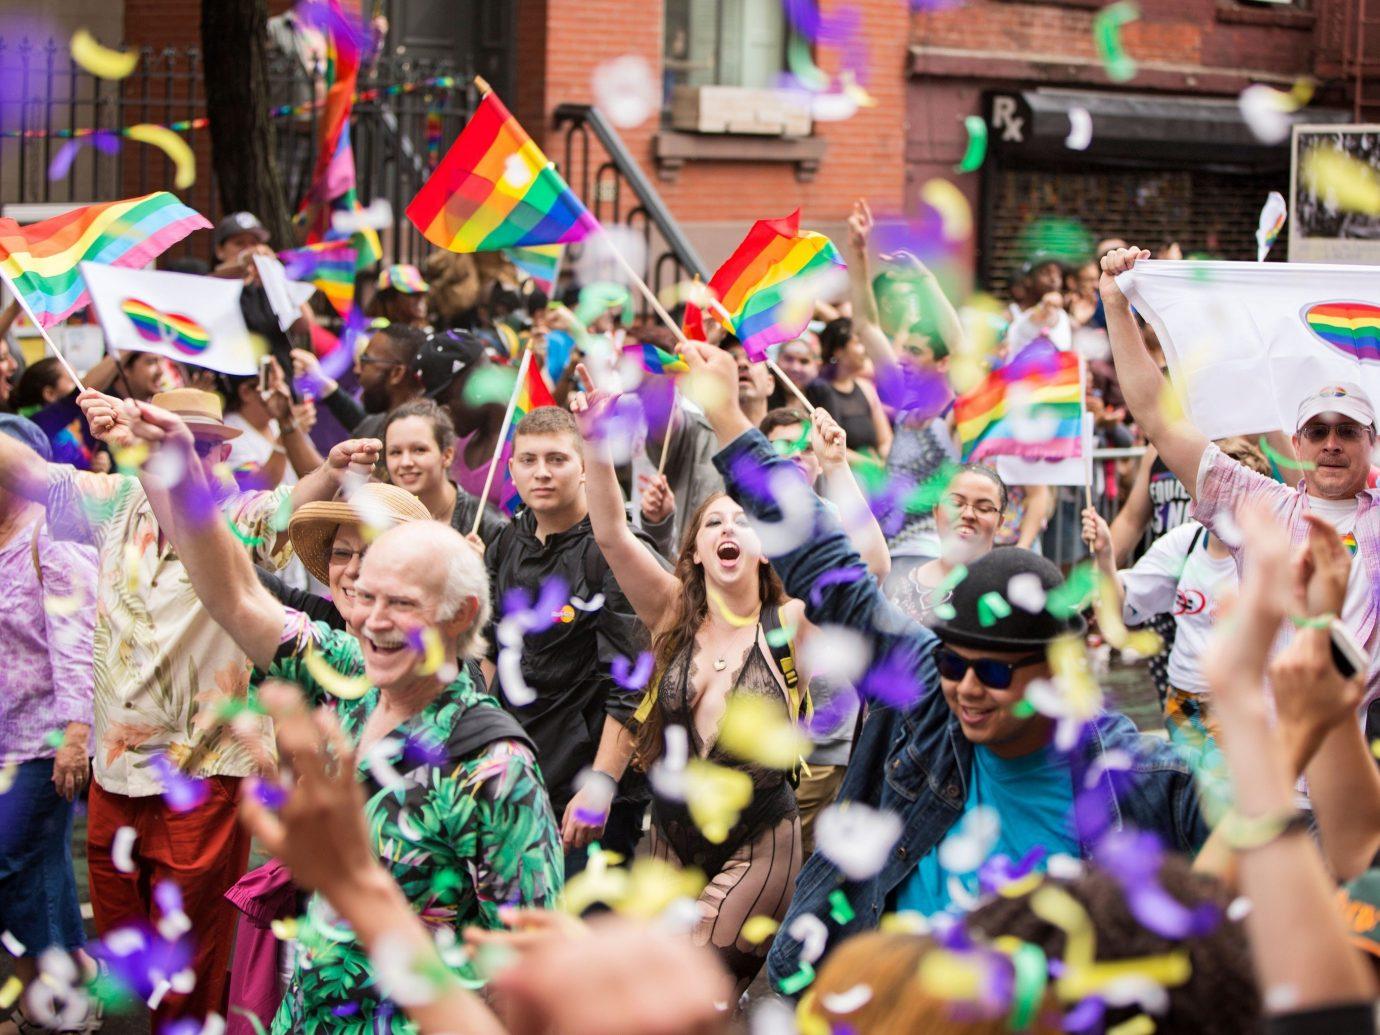 Trip Ideas person carnival event festival colorful pride parade parade dance crowd colored